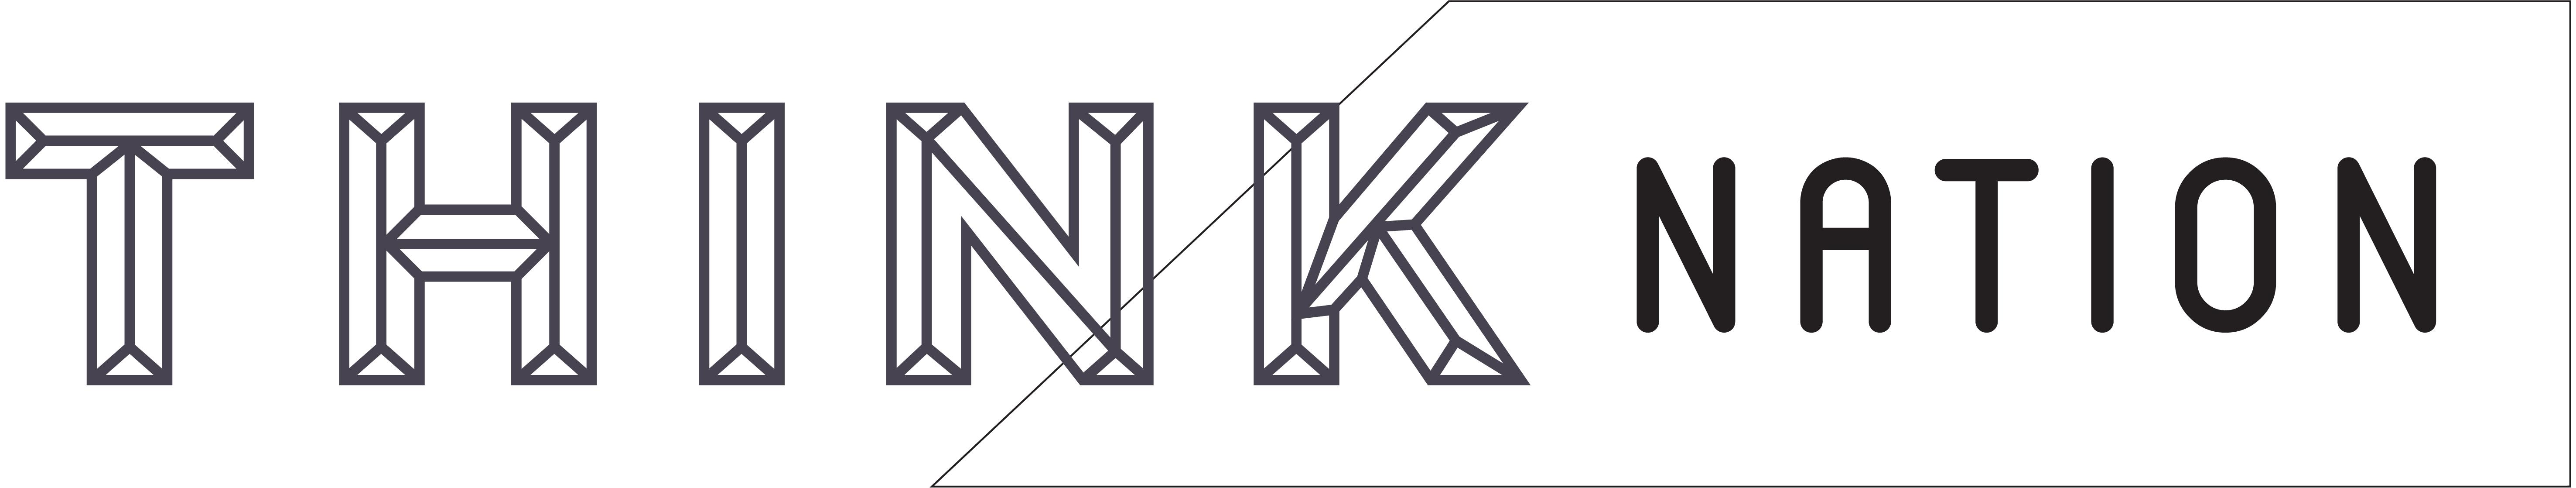 ThinkNation logo